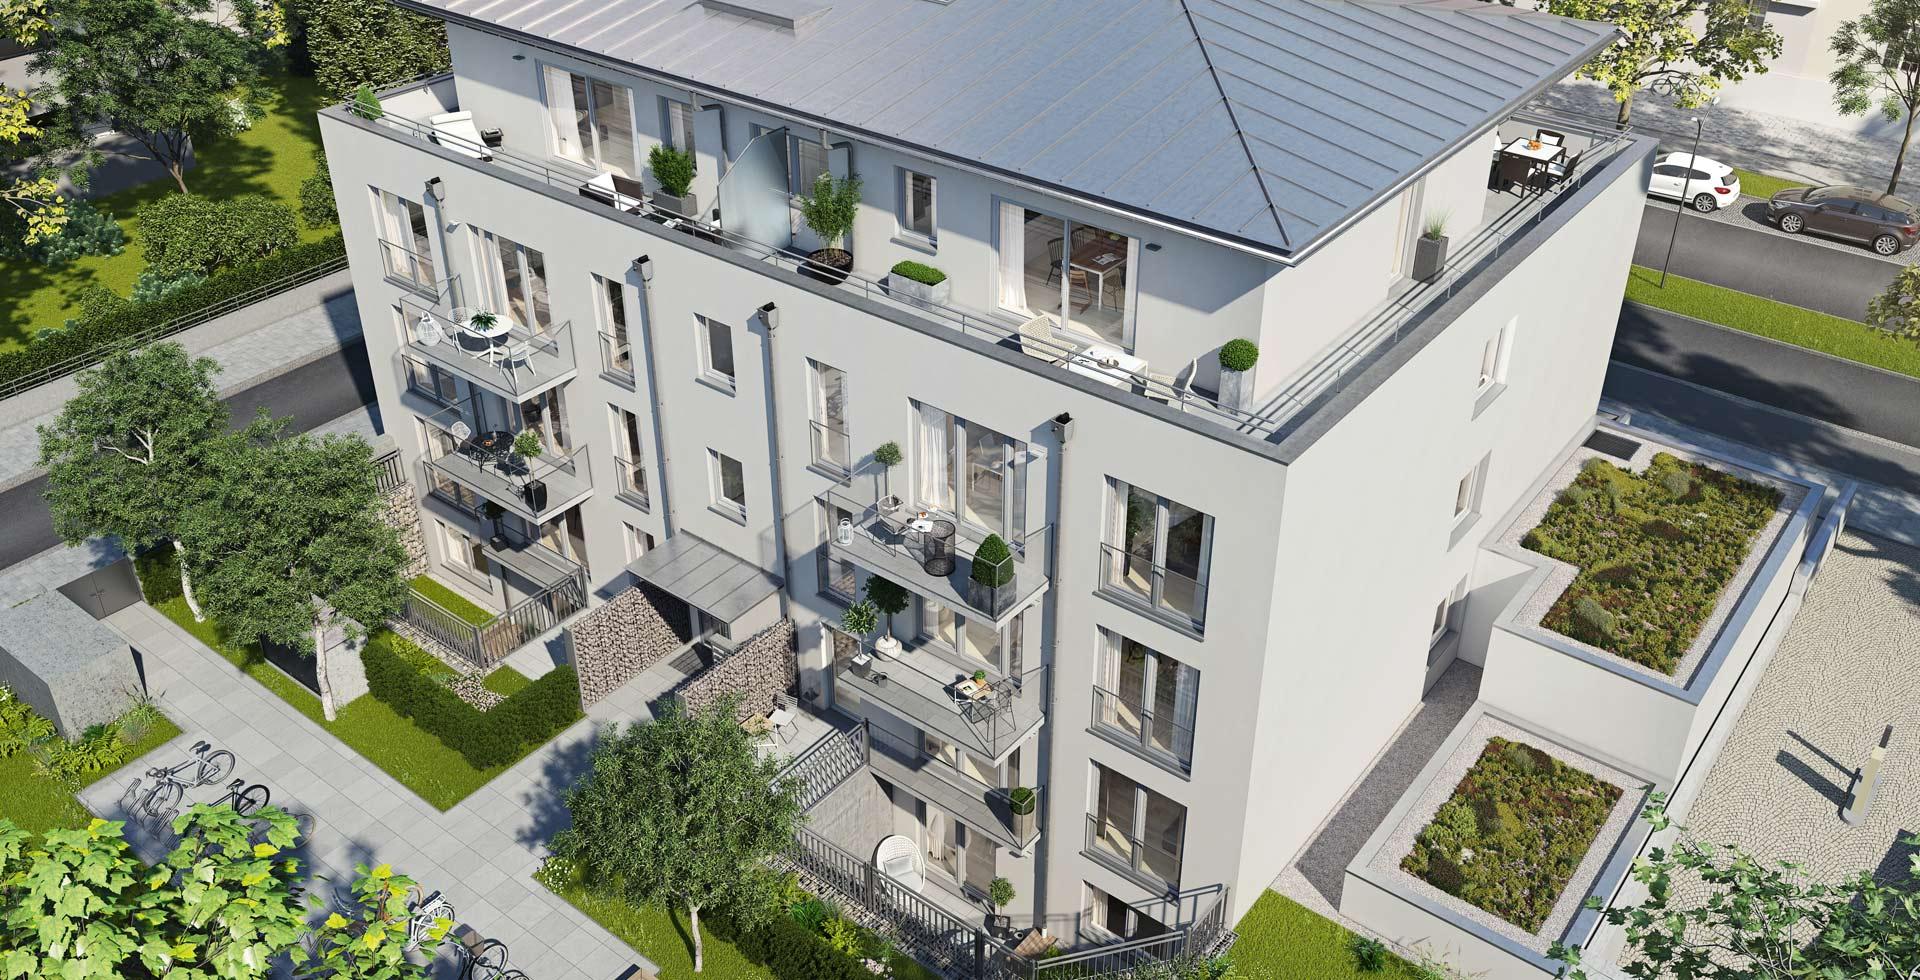 LHOMES_Neubauimmobilie_Virchowstr-München-Architektur-1-Aussen